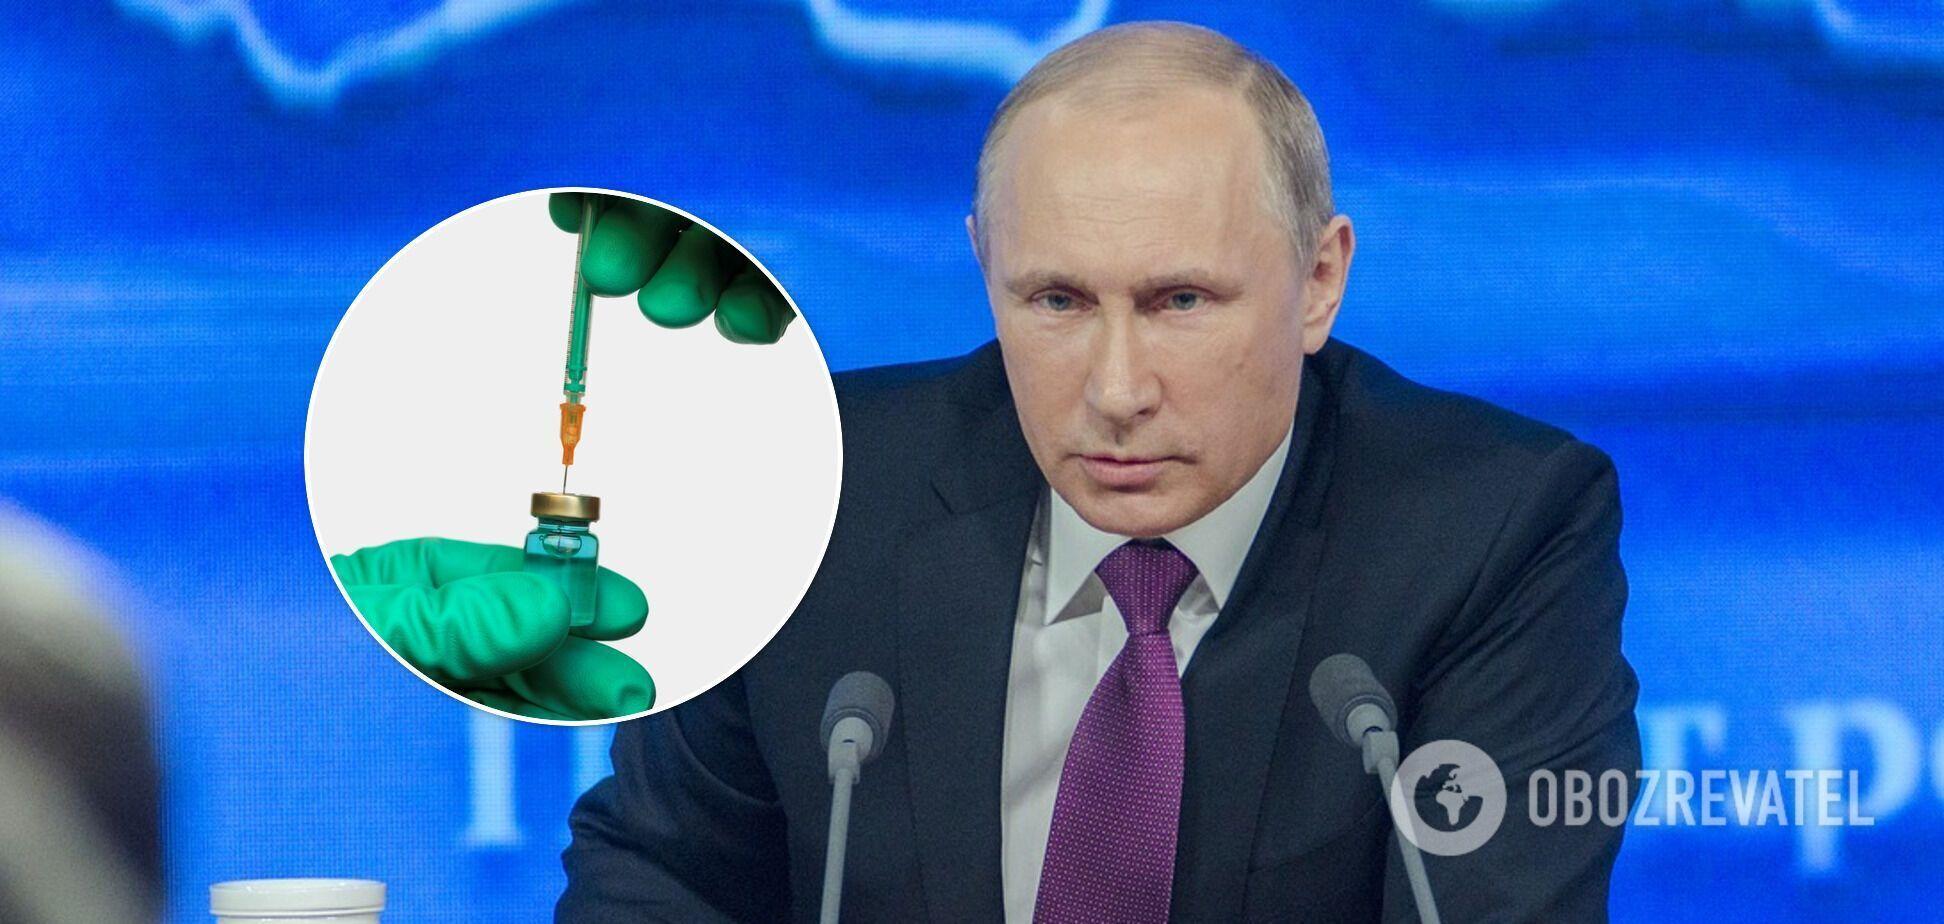 Путин вакцинировался против коронавируса в марте